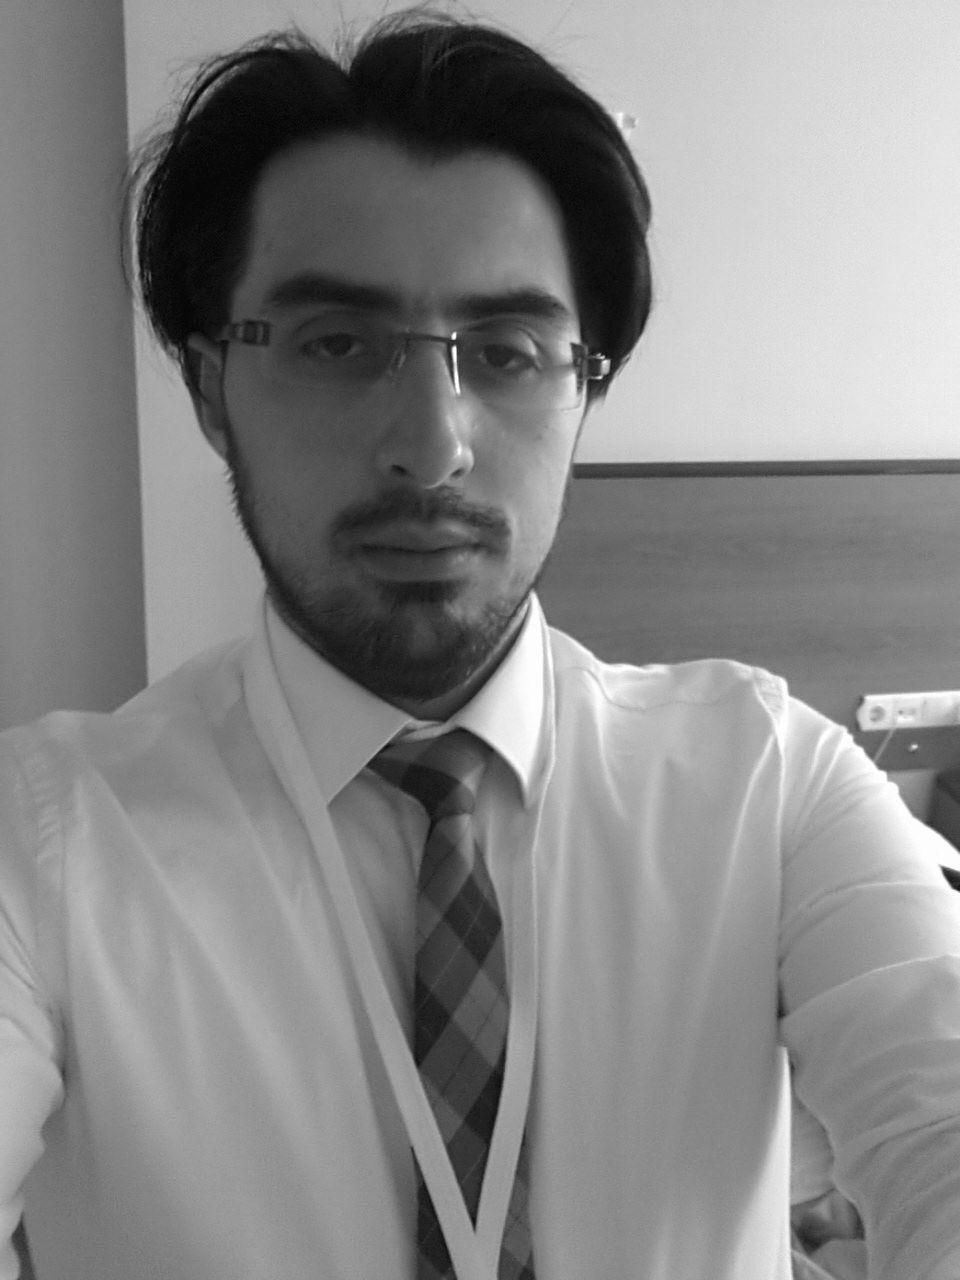 محمد صديق بن عبد الحميد Headshot